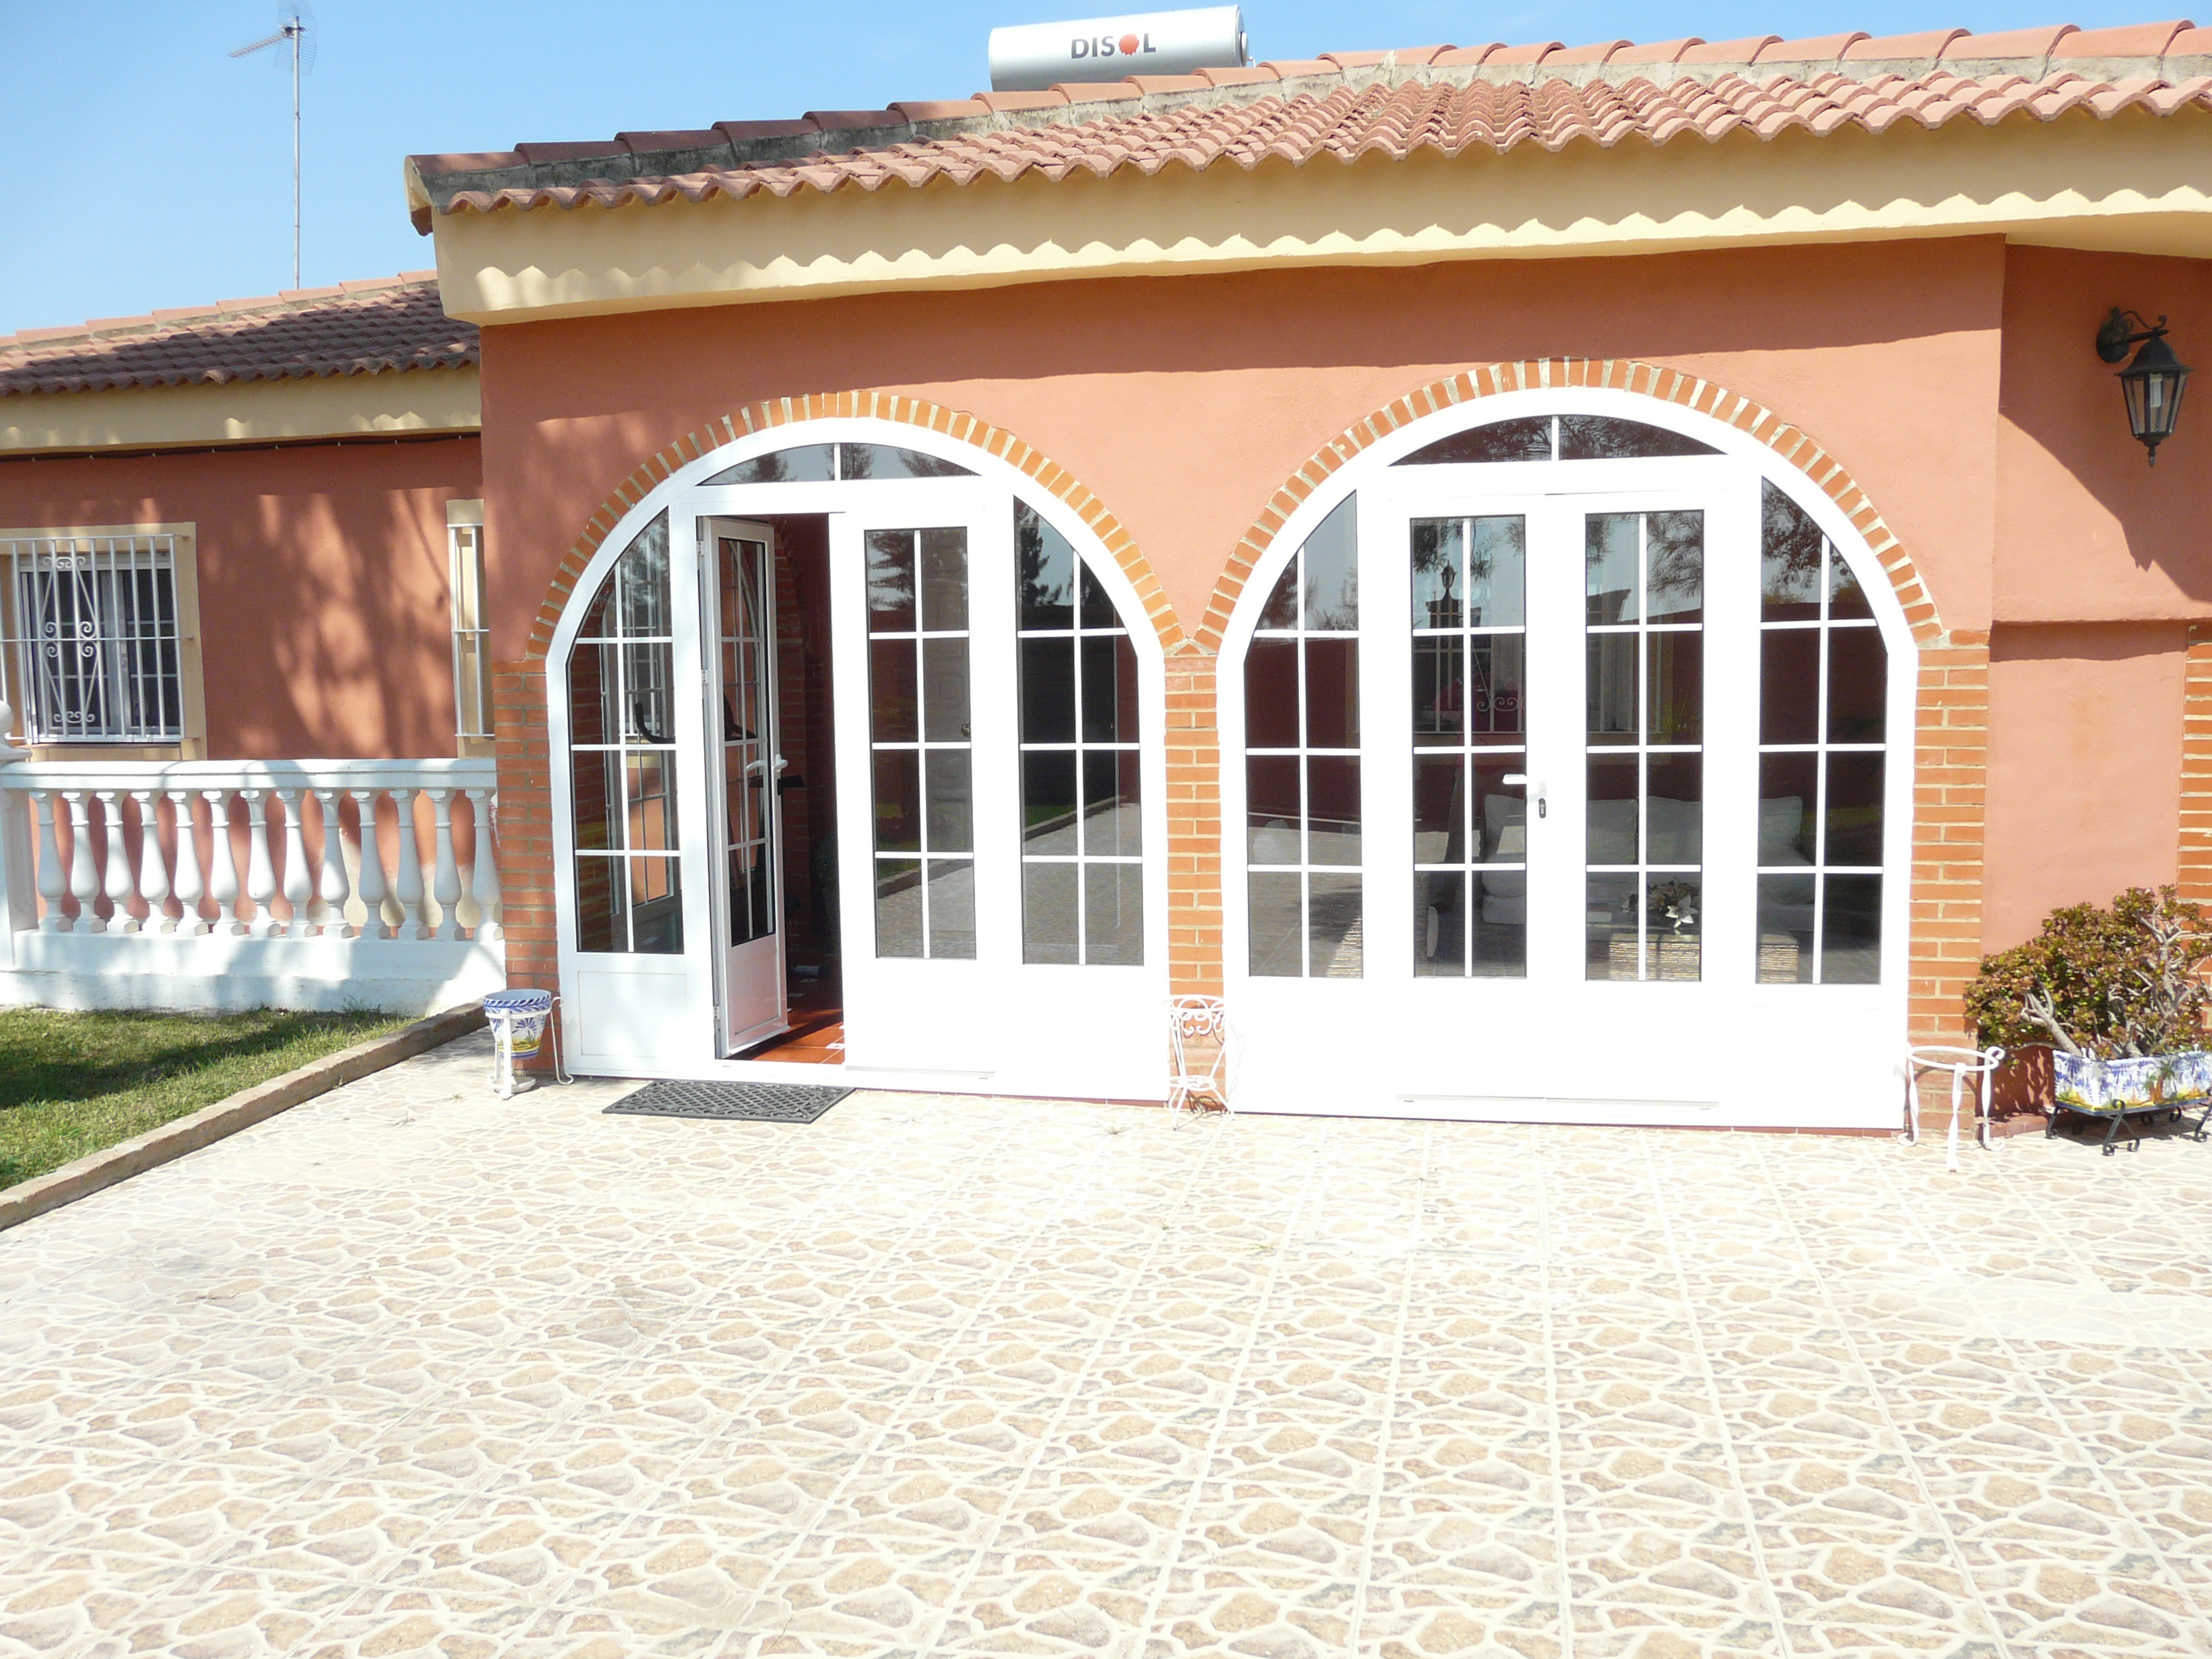 Venda casa de campo carmona sevilla espanha - Casa de campo sevilla ...